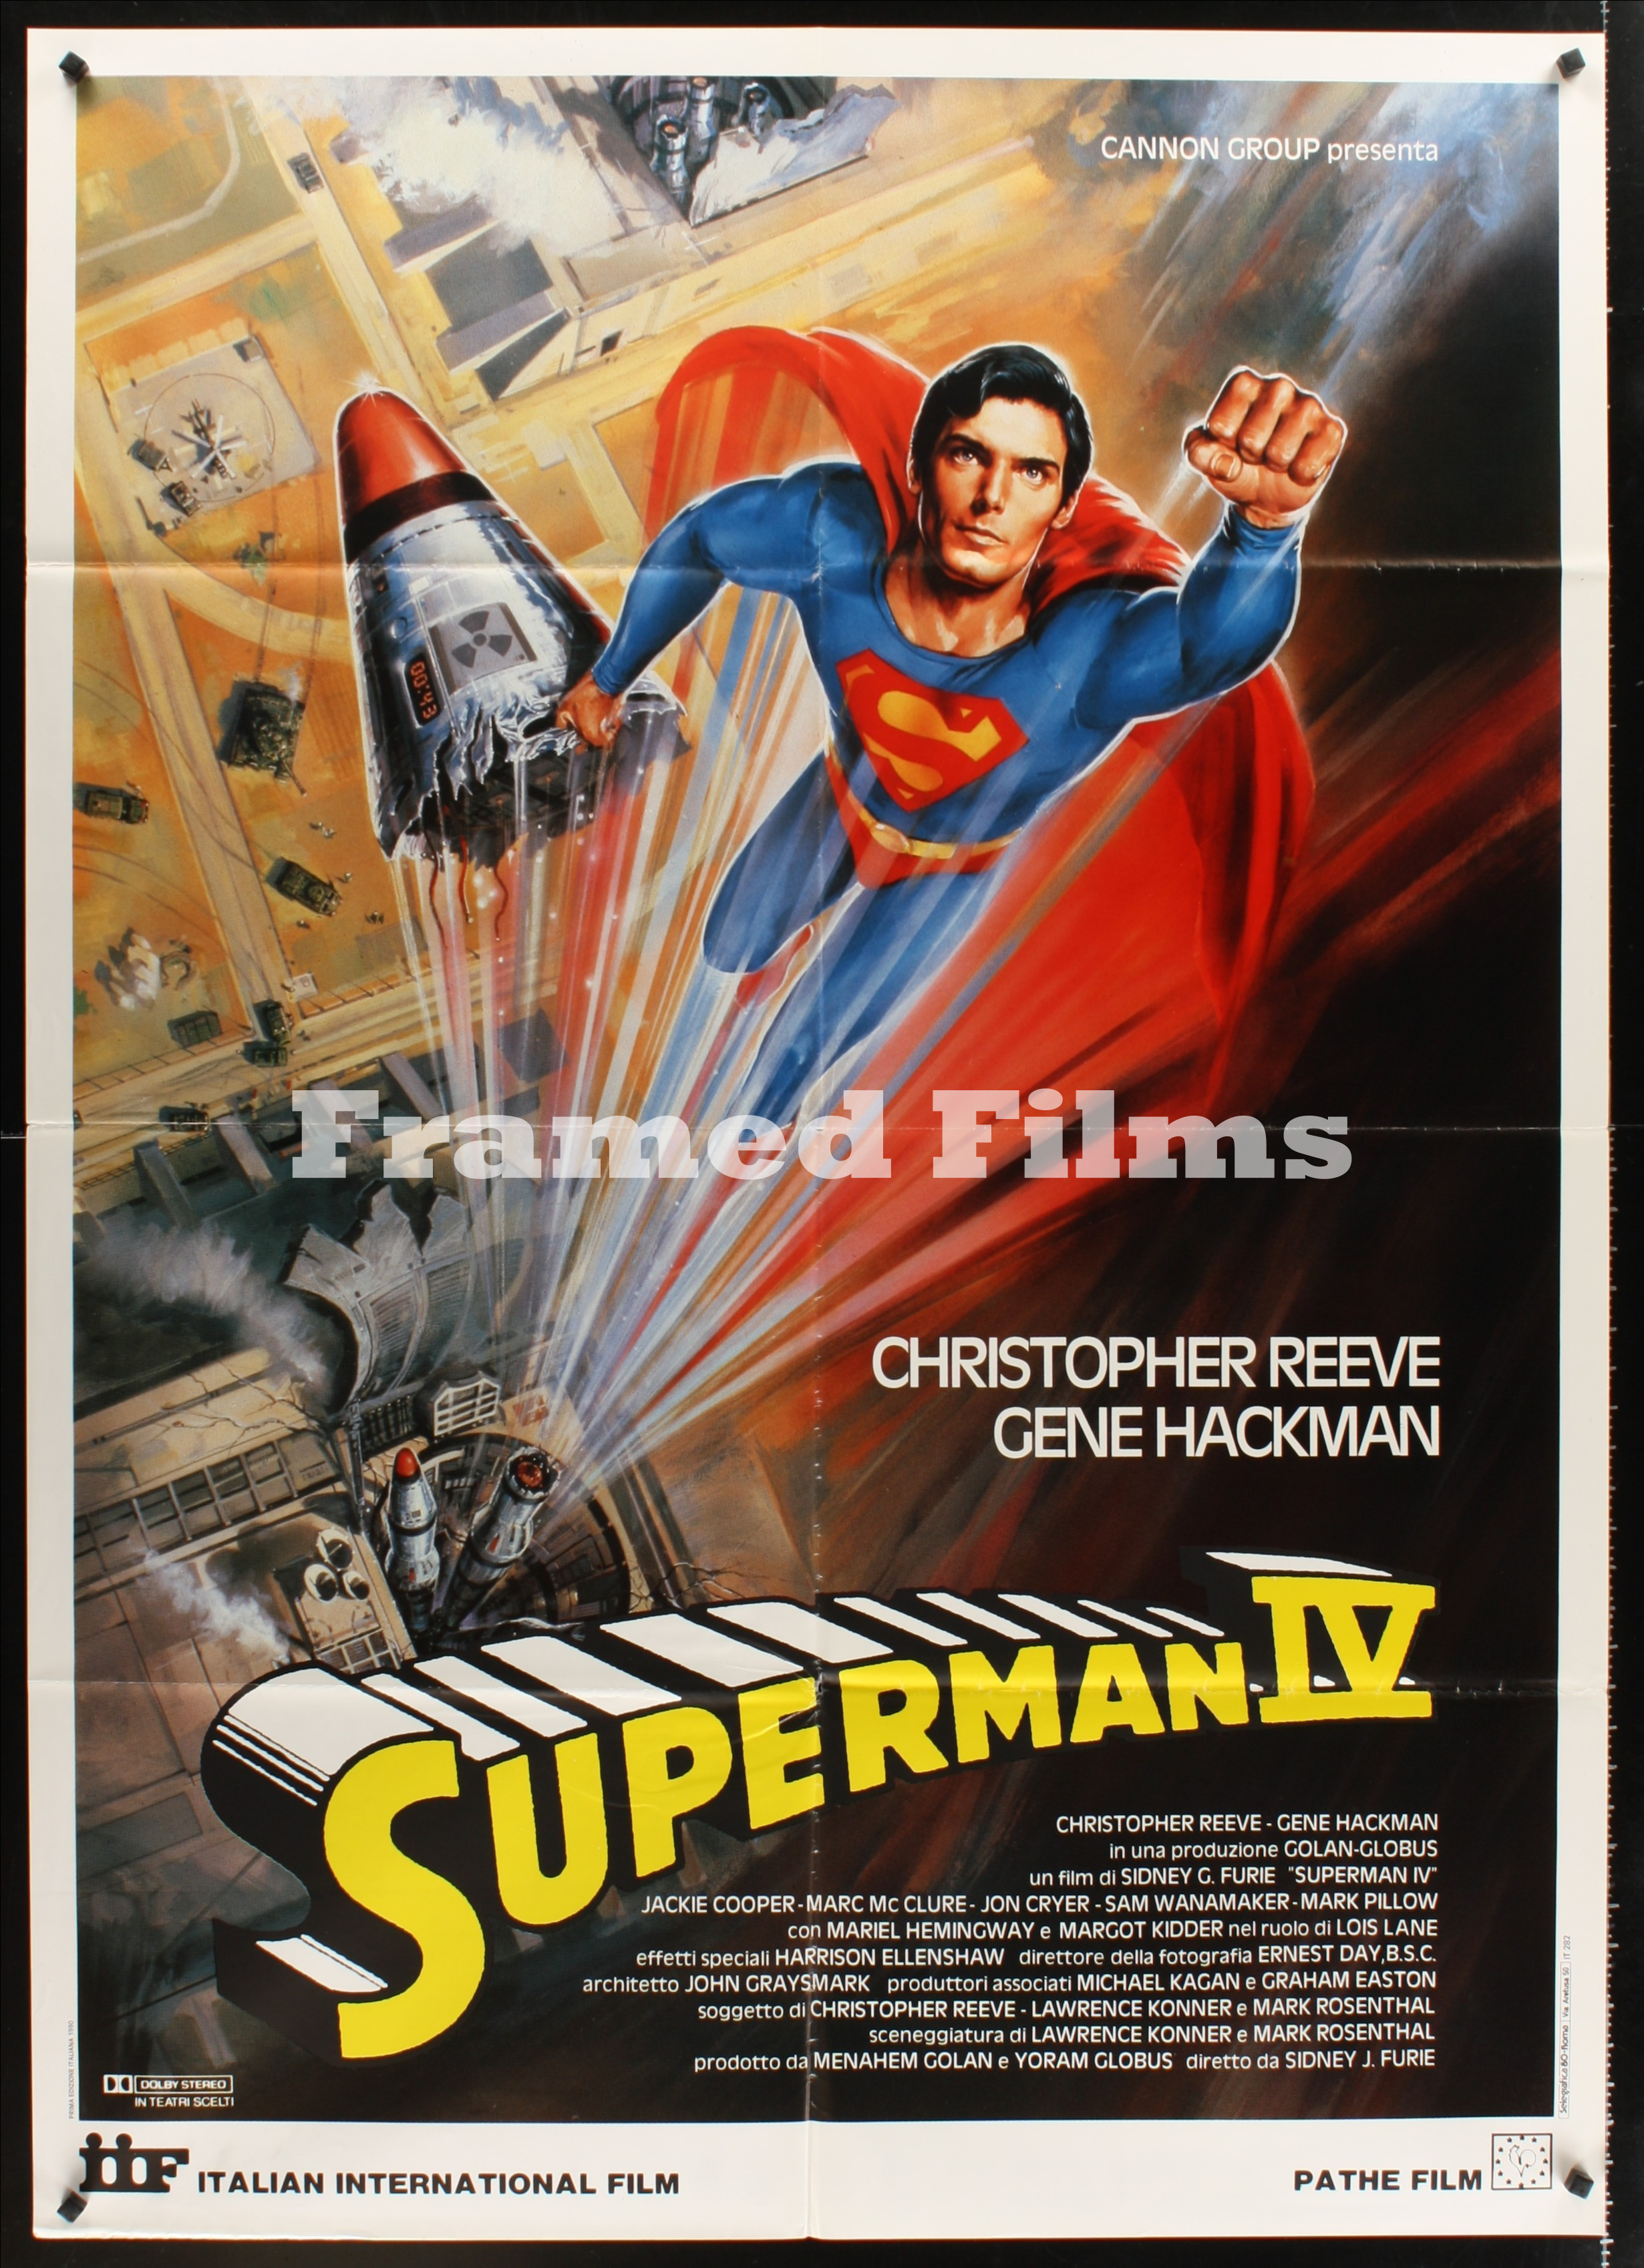 italian_1p_superman_IV_JC01261_L.jpg